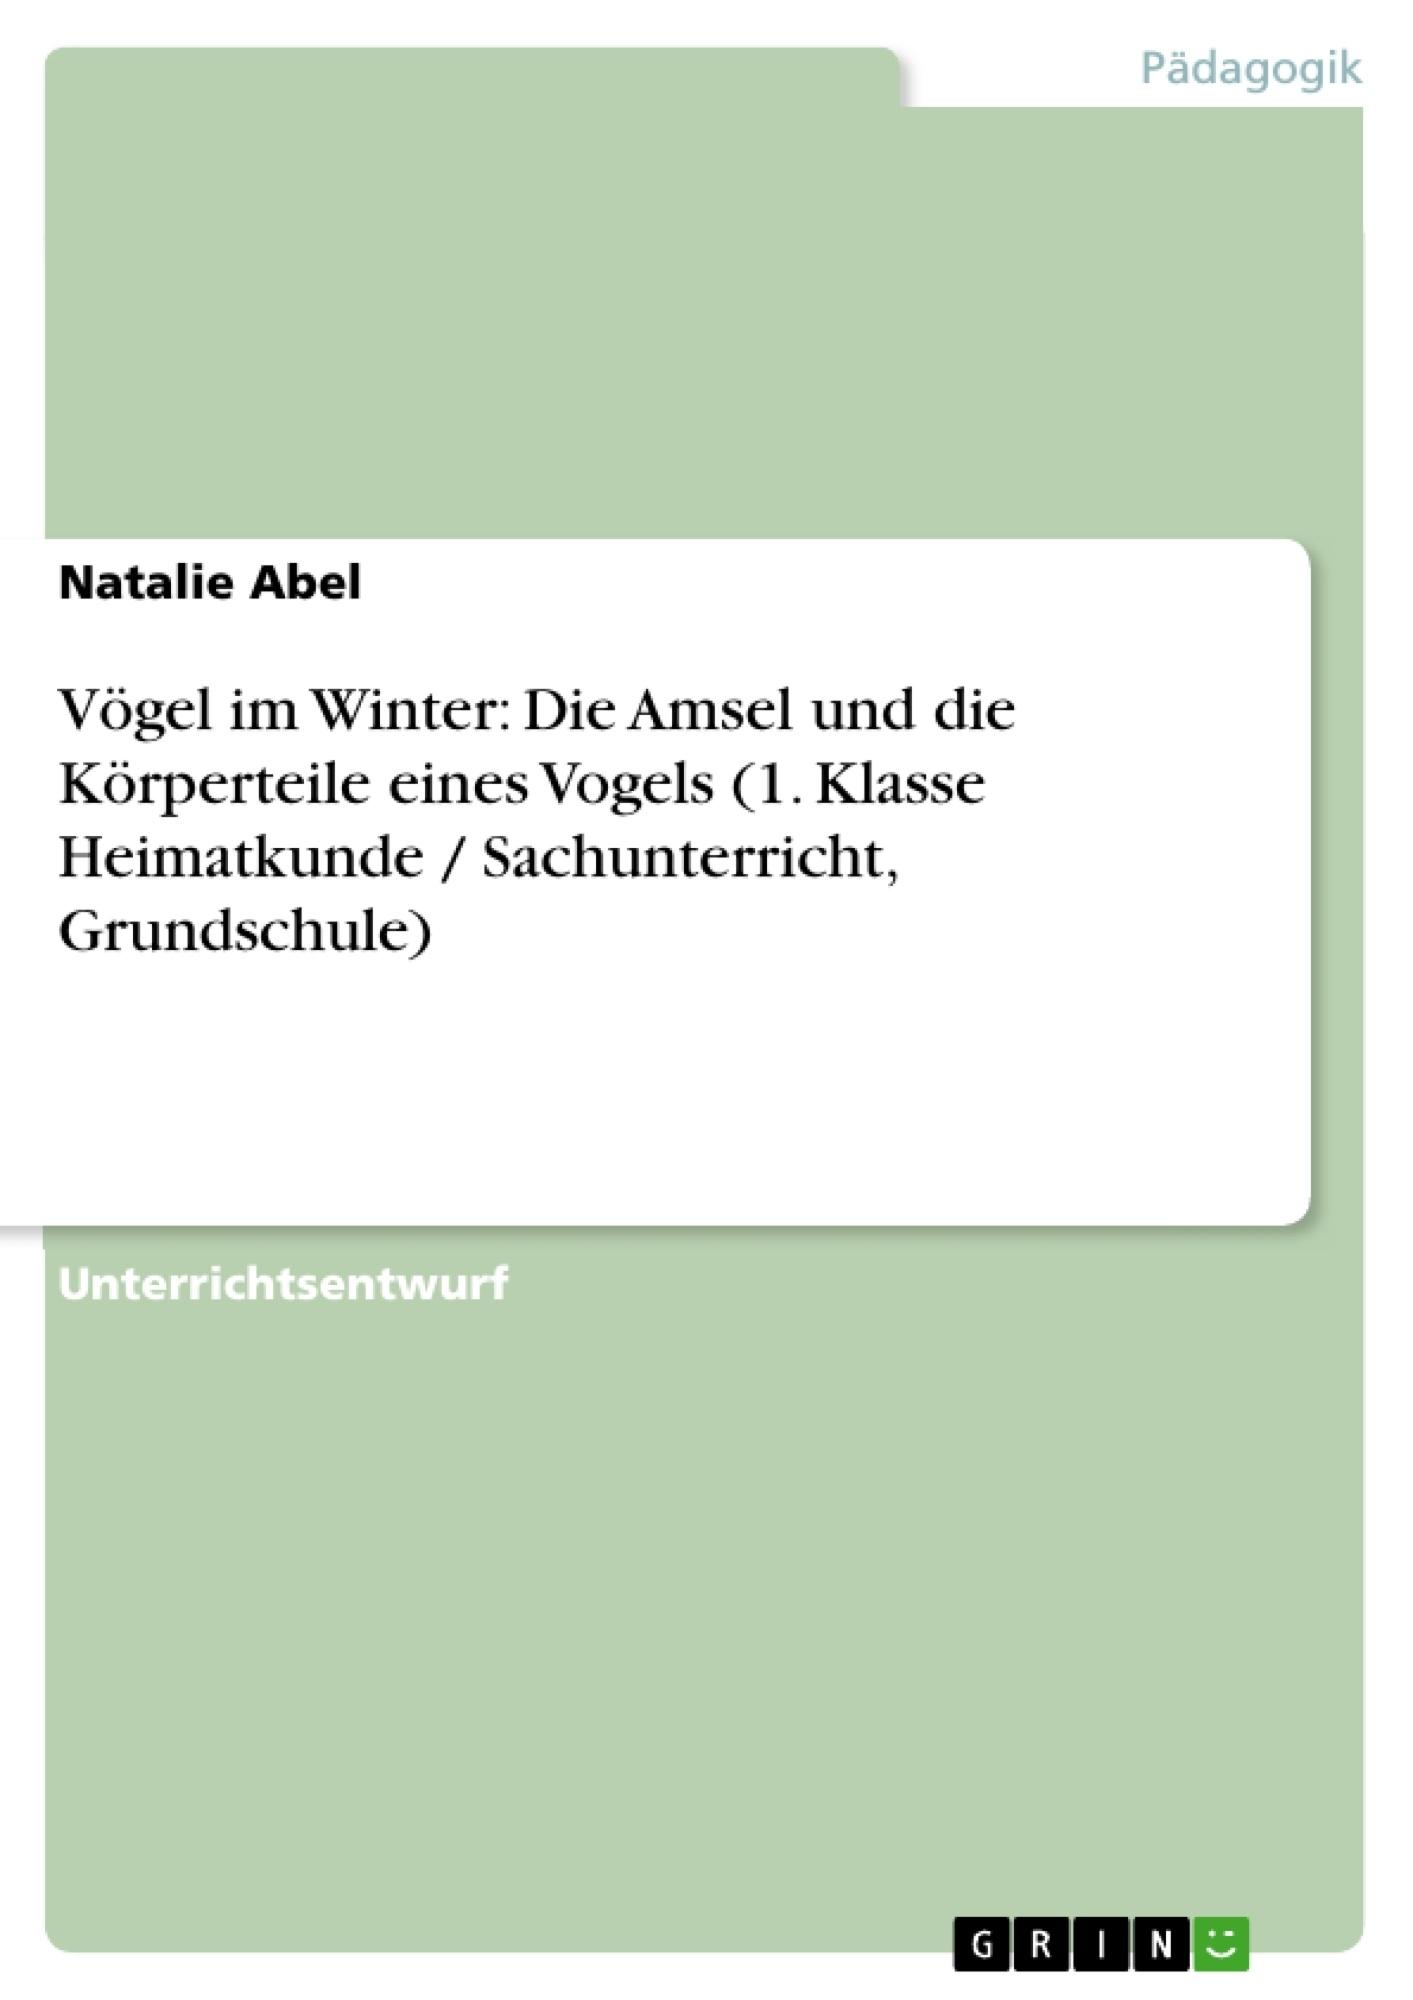 Titel: Vögel im Winter: Die Amsel und die Körperteile eines Vogels (1. Klasse Heimatkunde / Sachunterricht, Grundschule)